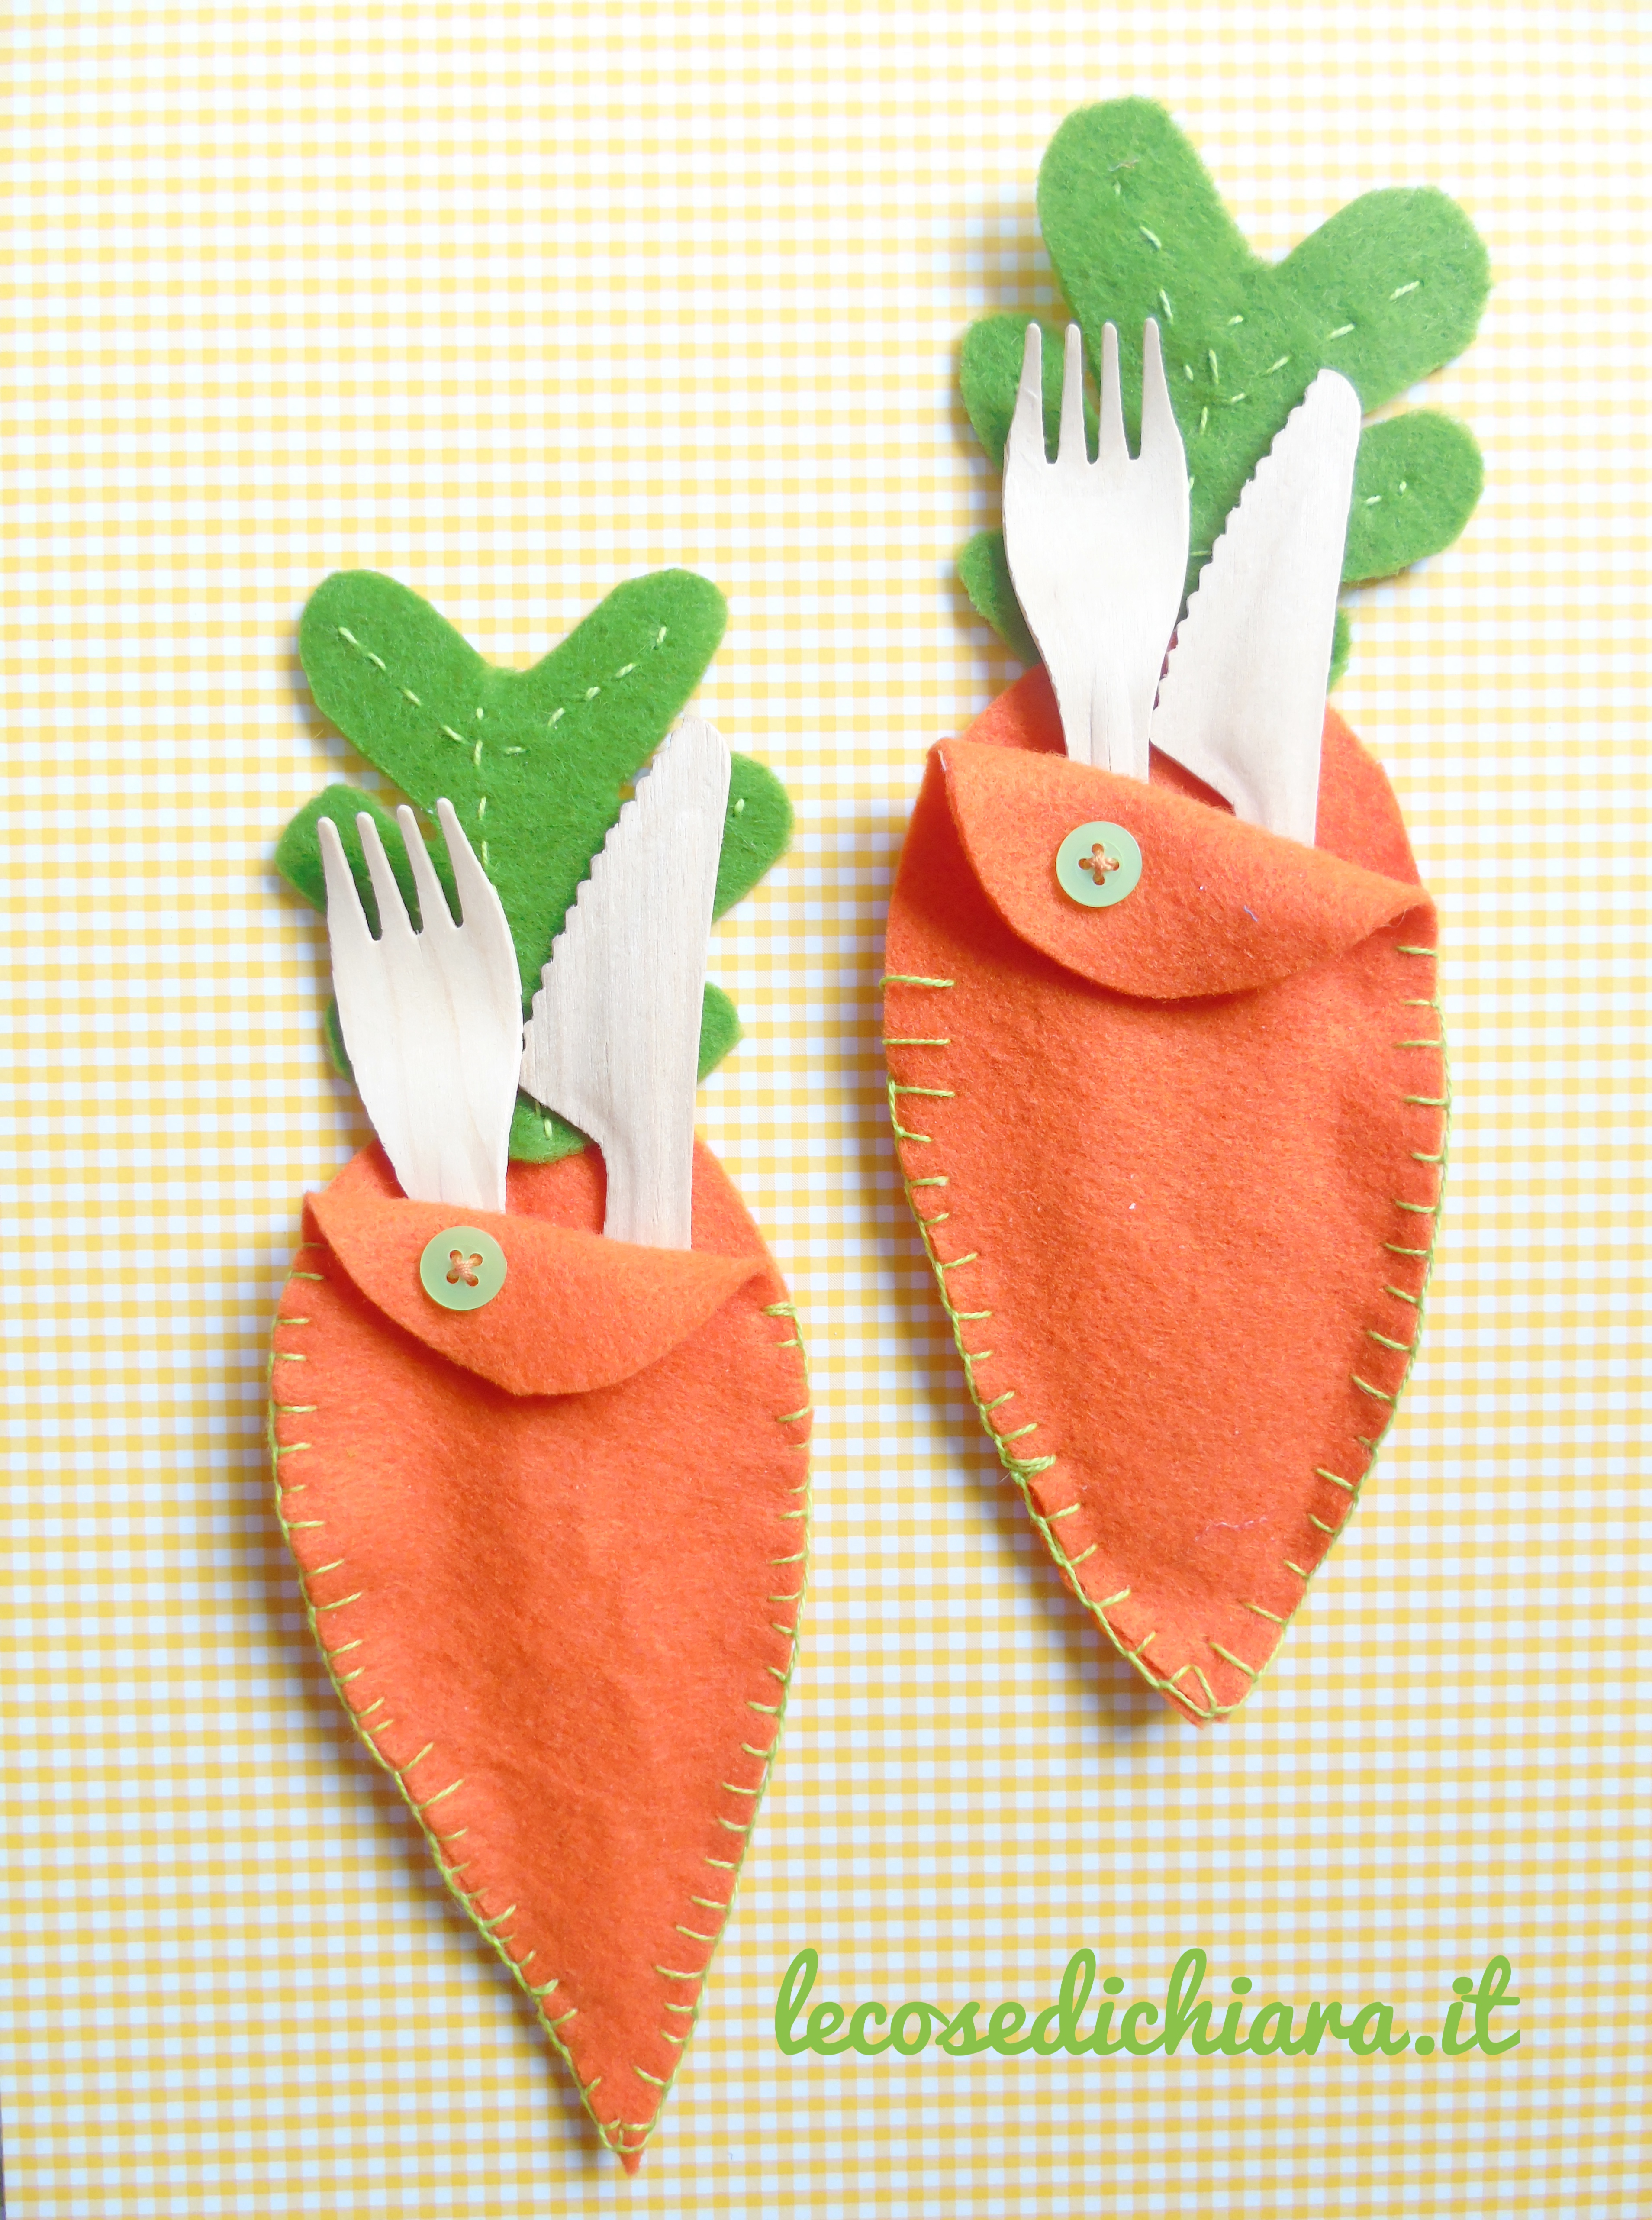 foto-verticale-carote-per-pasqua-lecosedichiara-chiara-zenga